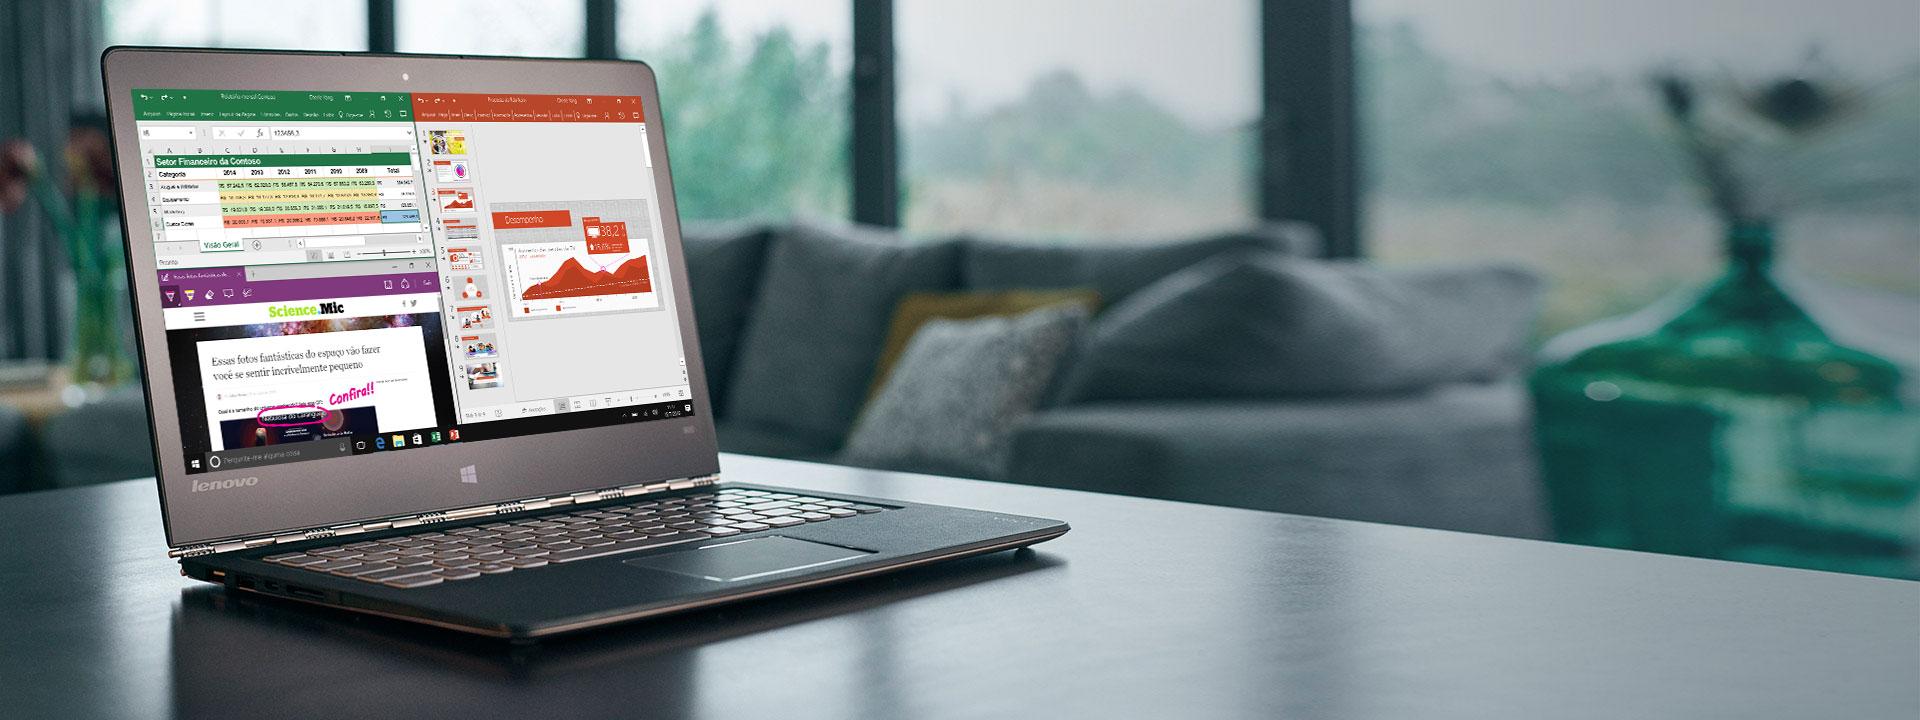 Lenovo Yoga 900 com a tela inicial do Windows 10